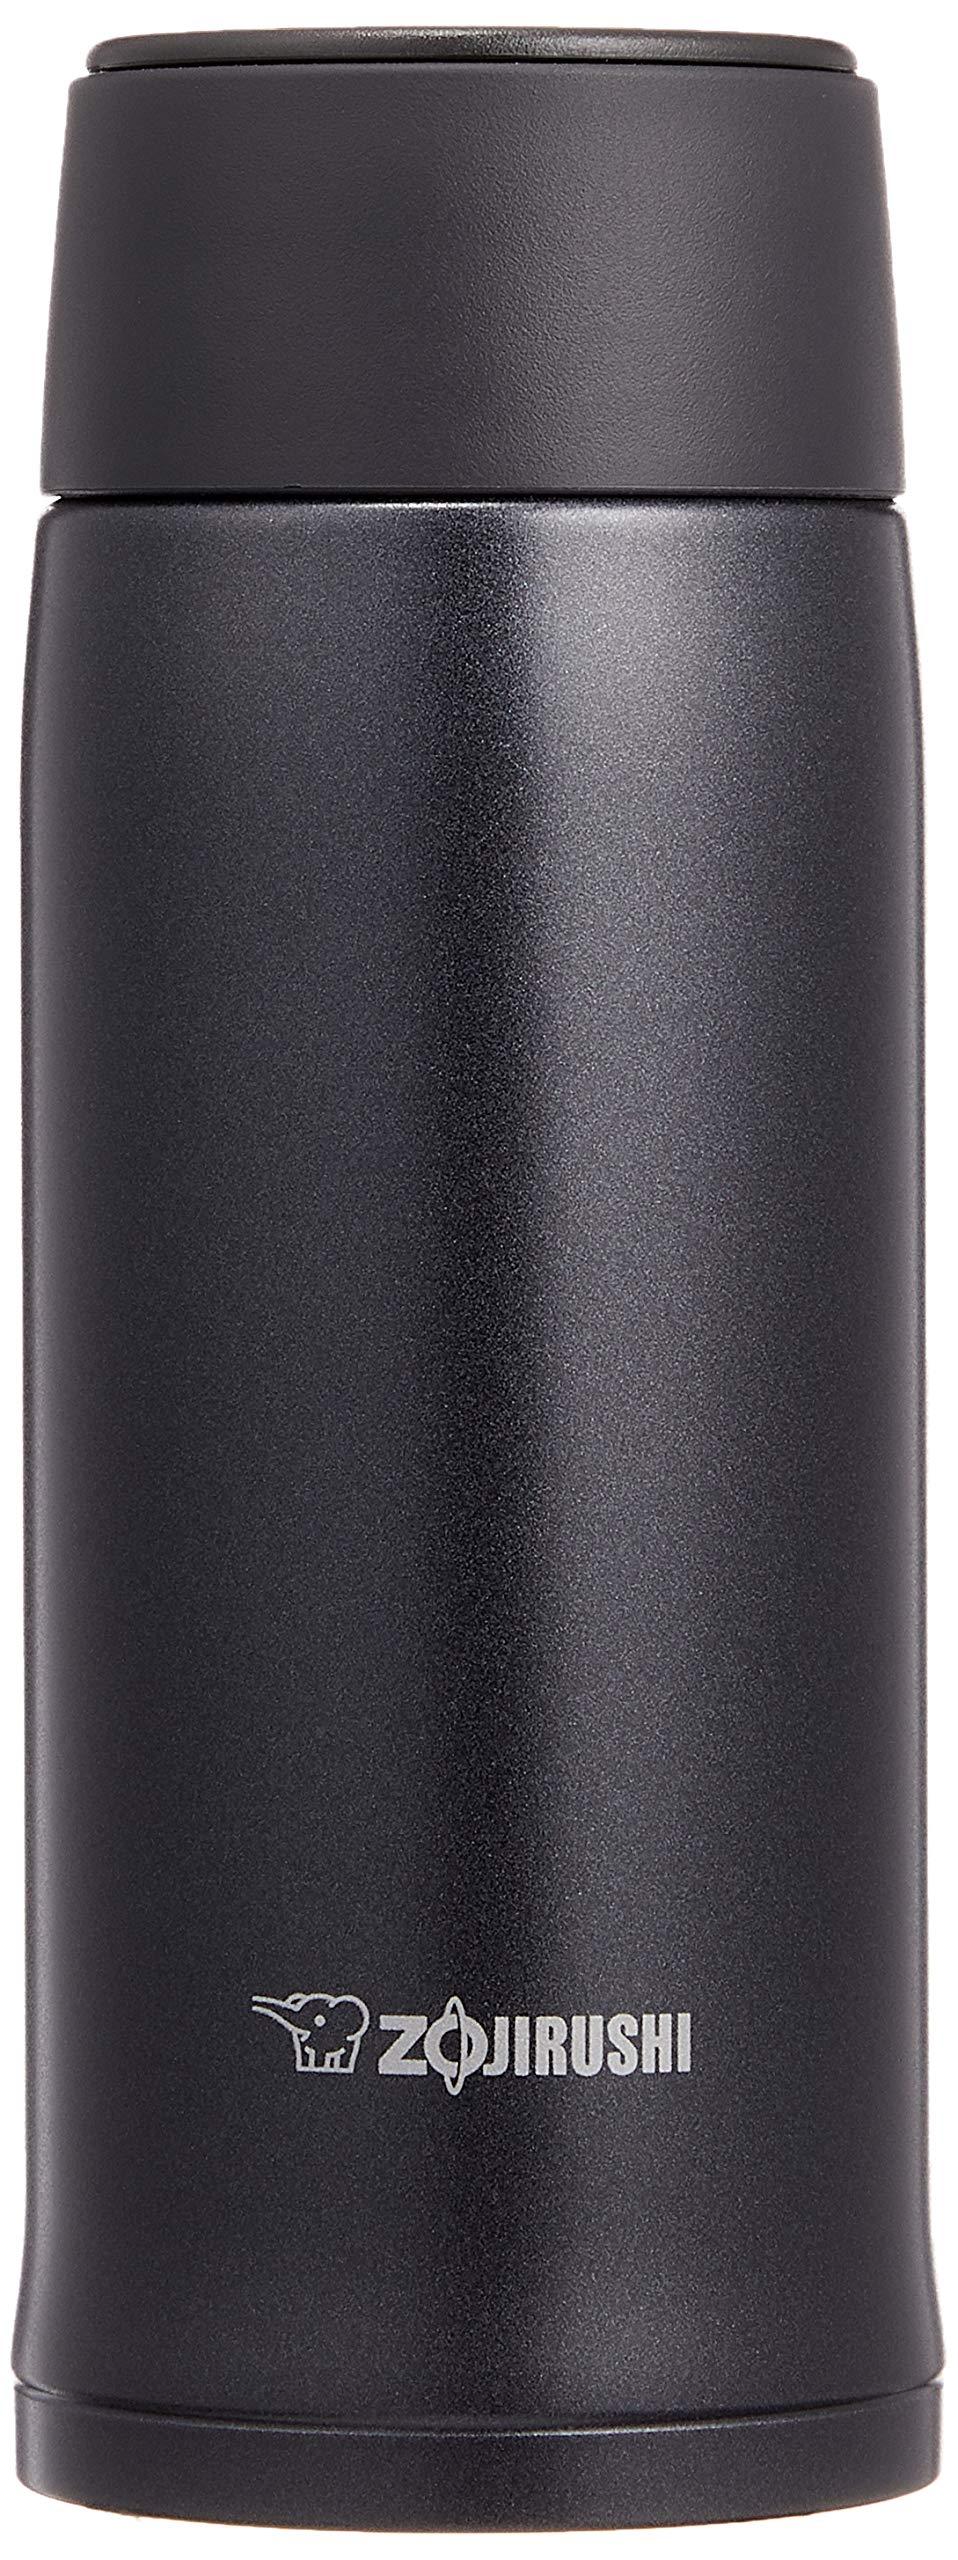 象印マホービン(ZOJIRUSHI) 水筒 ステンレス マグ ボトル 直飲み 軽量 保冷 保温 360ml ブラック SM-NA36-BA